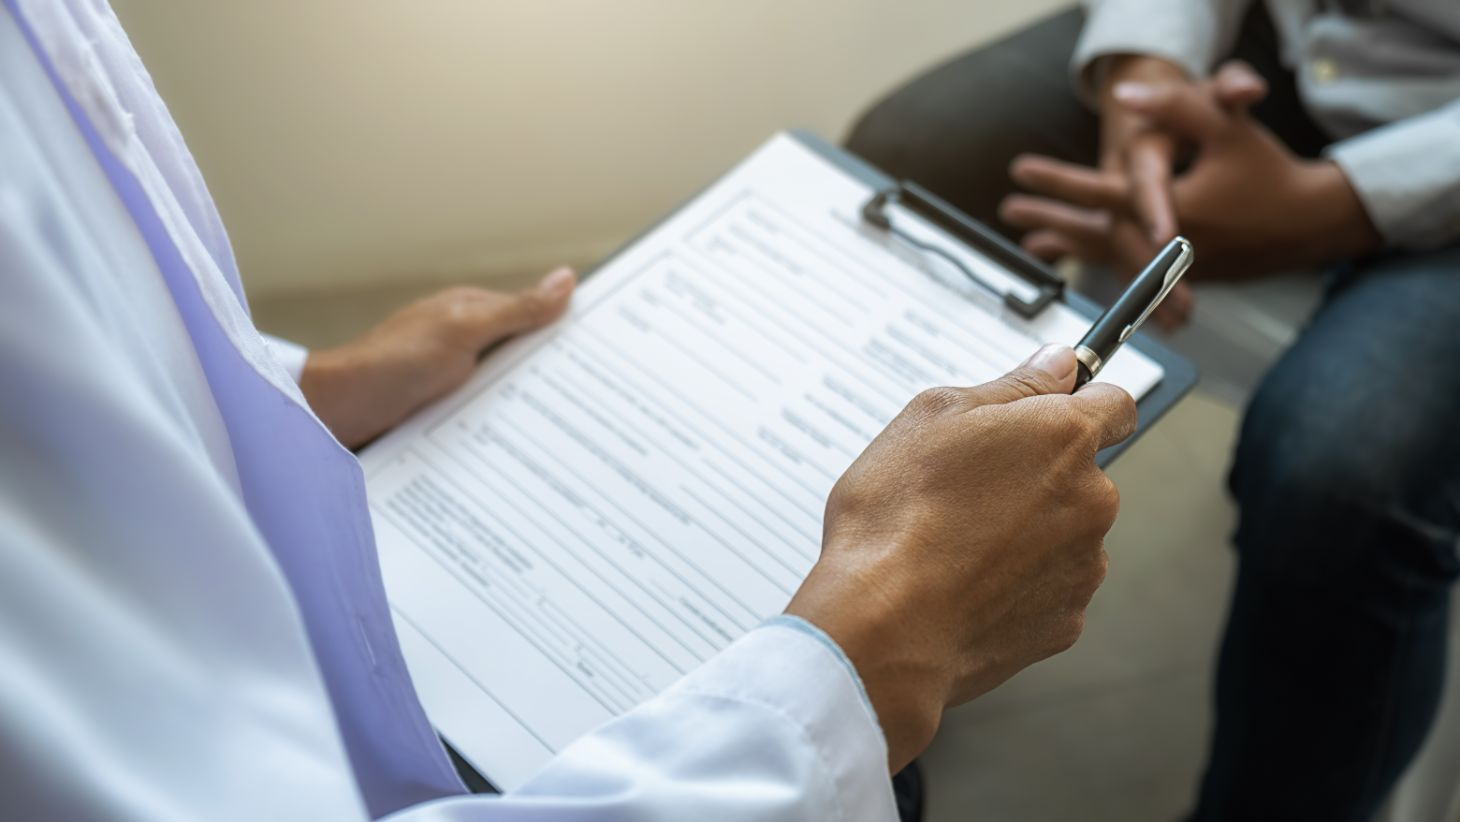 Novas regras de isenção de ICMS para PcD causam confusão: exames devem ficar mais rigorosos e laudos precisarão de exames